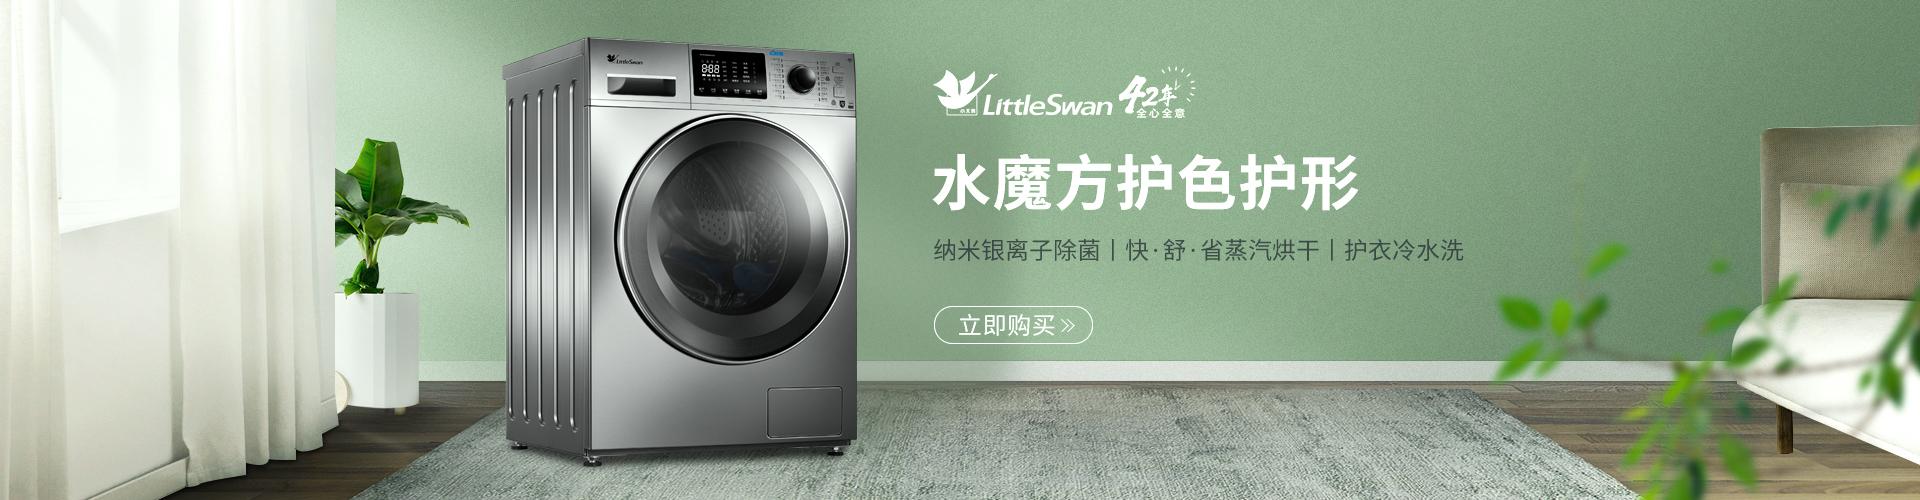 洗烘一体智能WIFI水魔方